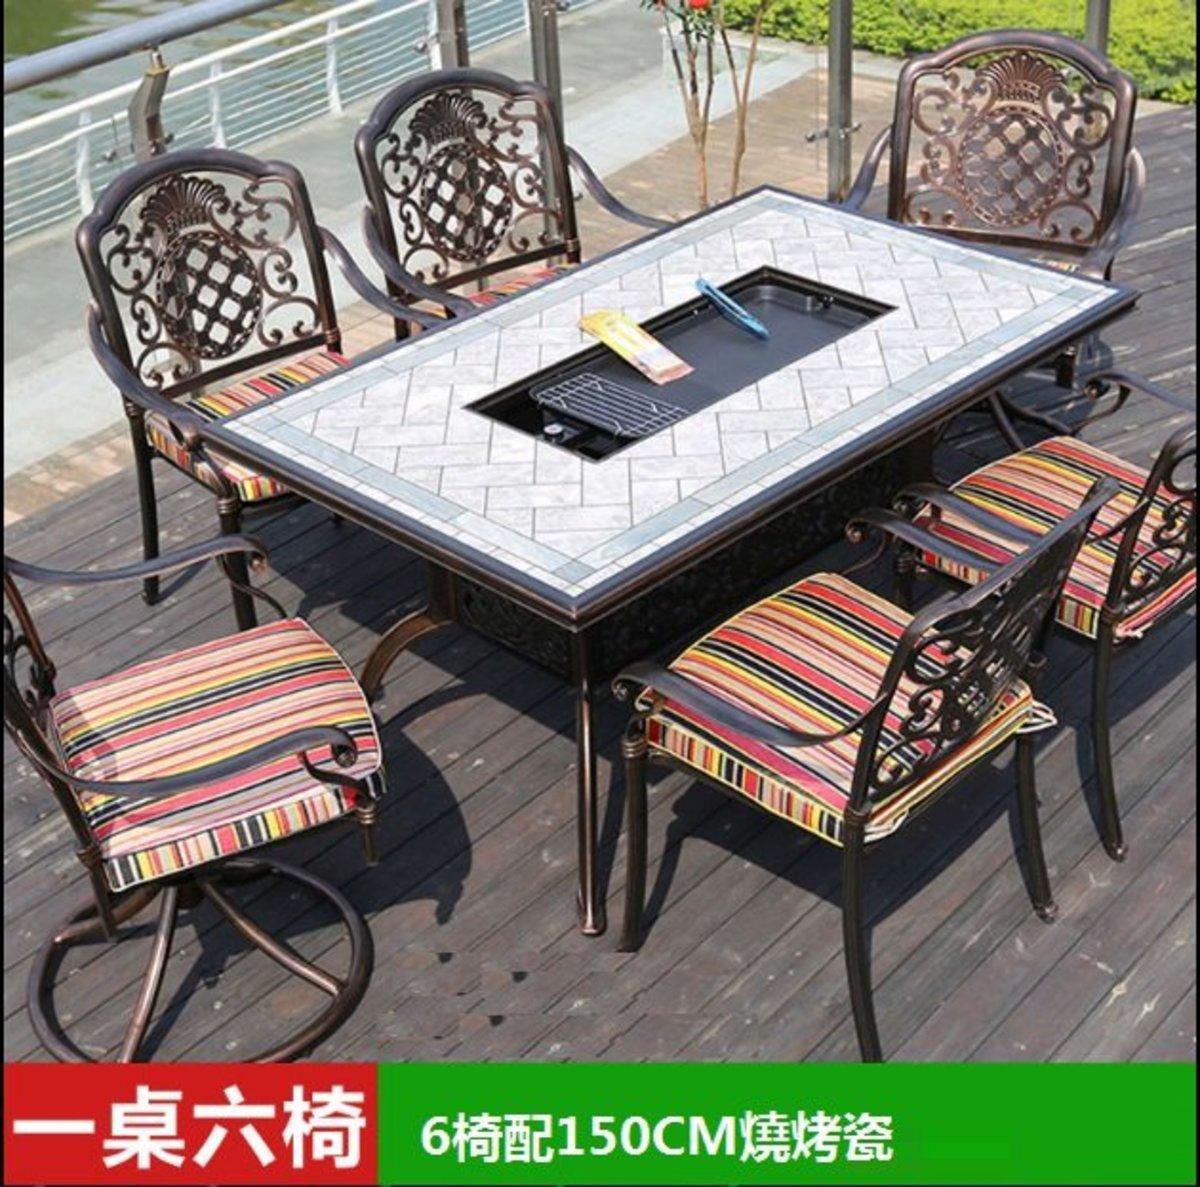 咖啡廳燒烤火鍋長桌(2號:6椅配150CM燒烤瓷磚長桌)